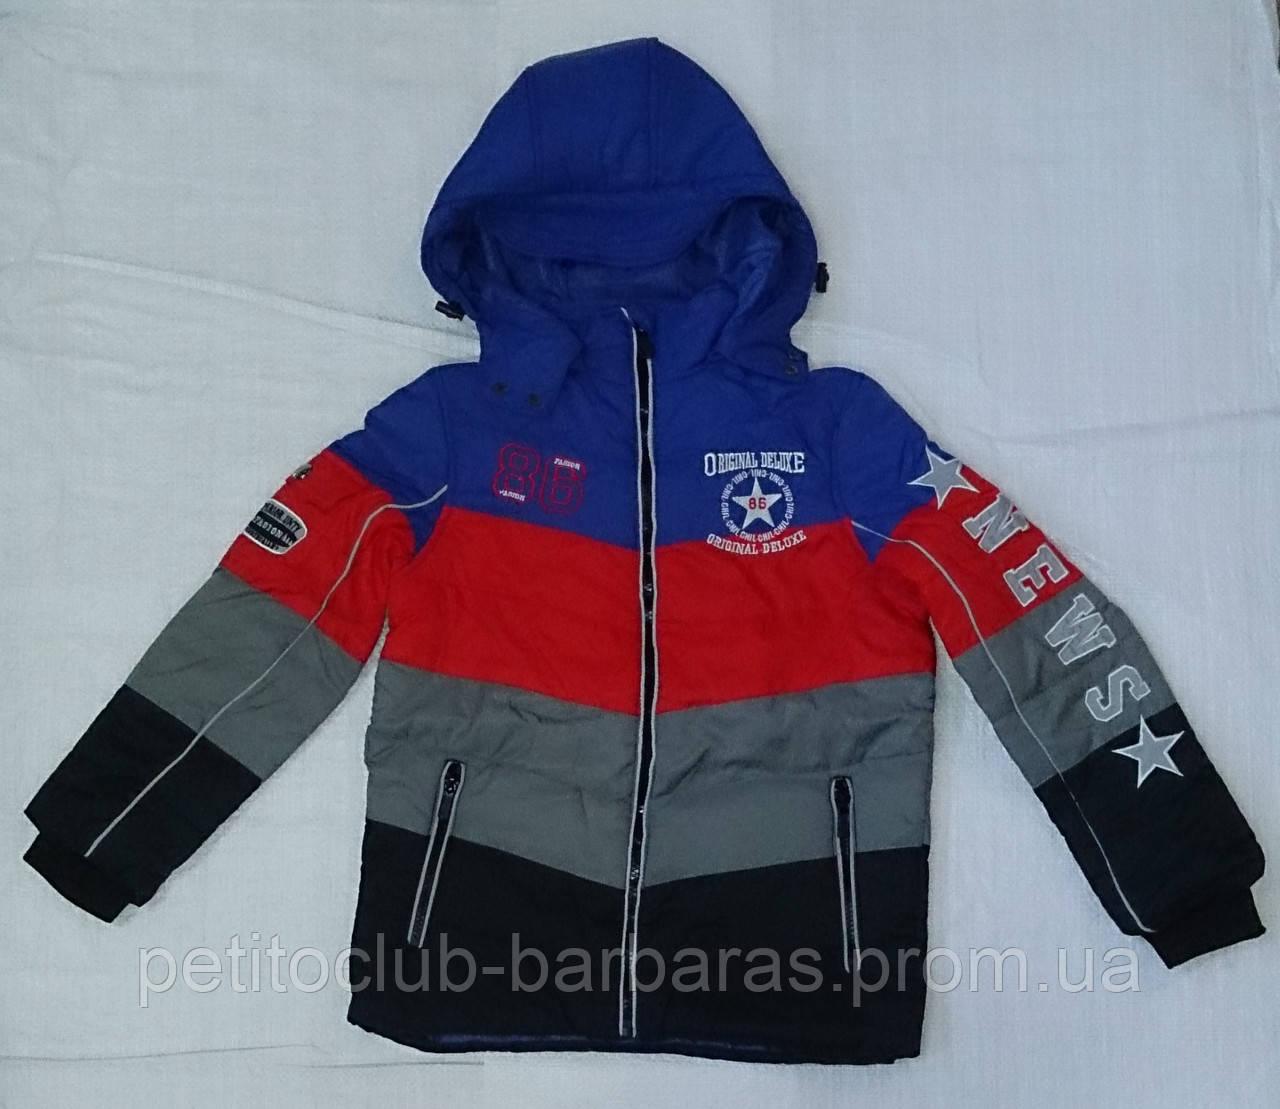 Курточка демисезонная для мальчика Original Delux (р.134-164 см) (Grace, Венгрия)